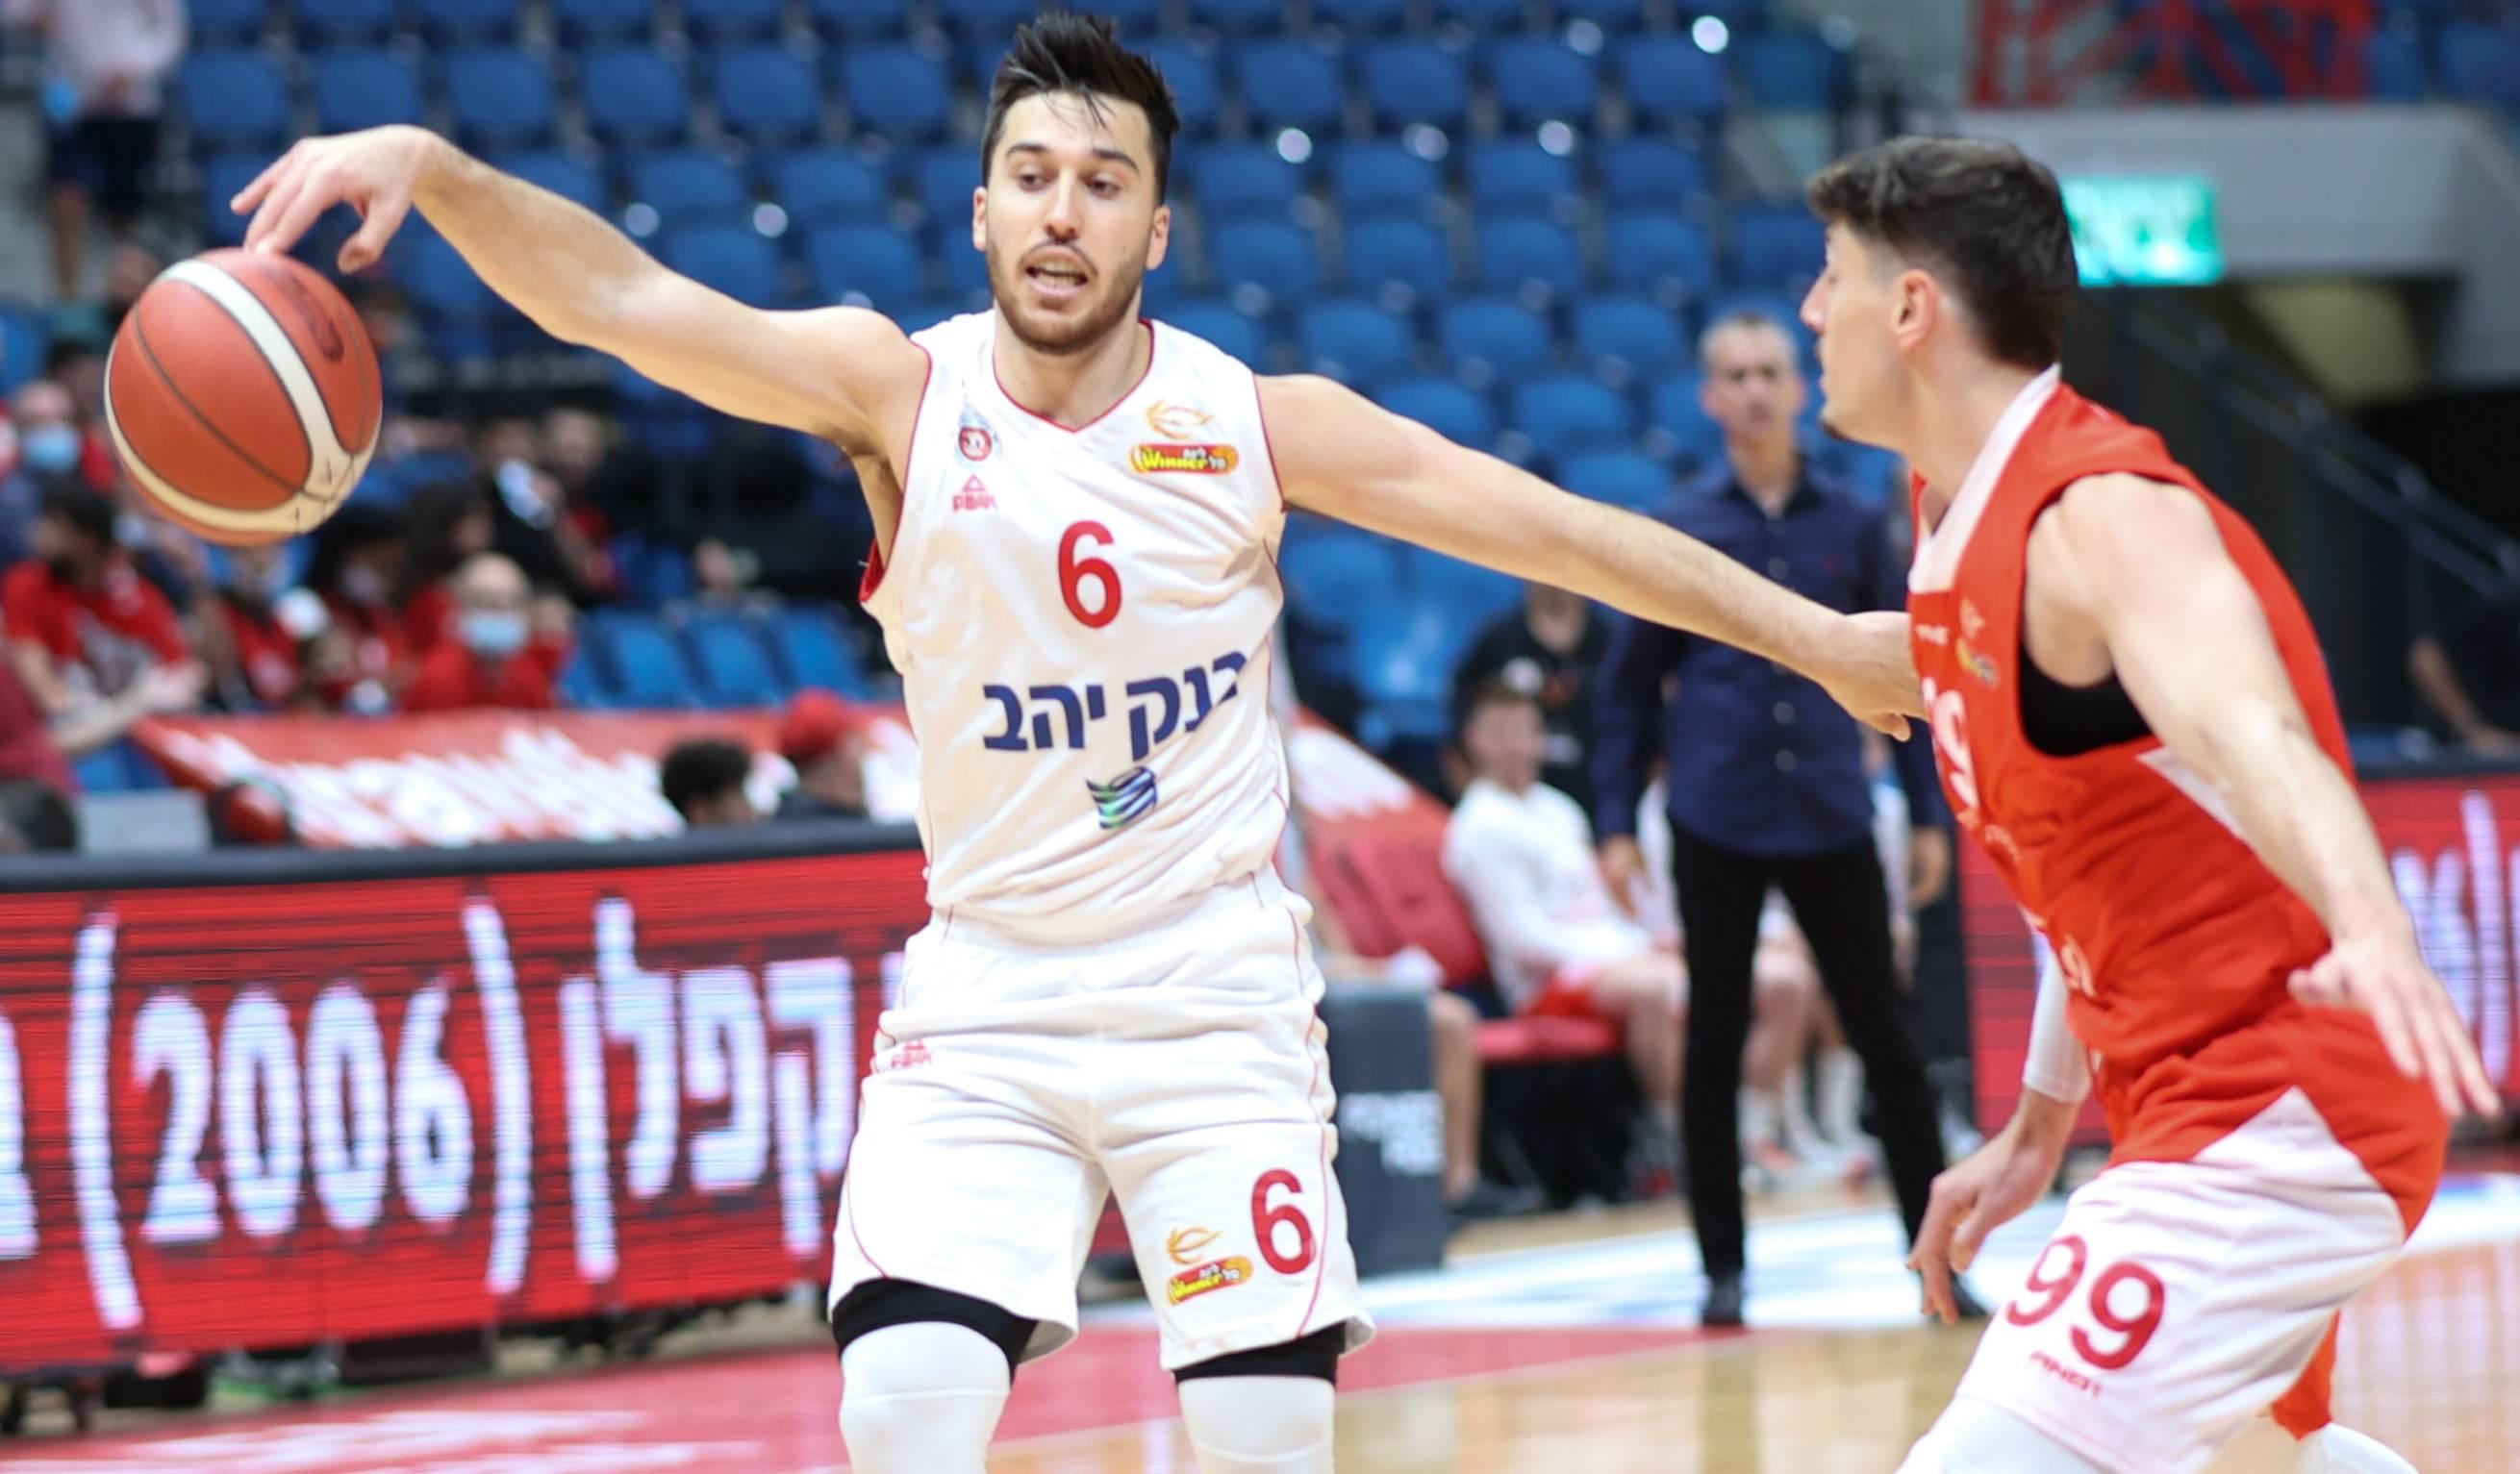 גלבוע איבדה יתרון והפסידה לירושלים בתוצאה 99:94